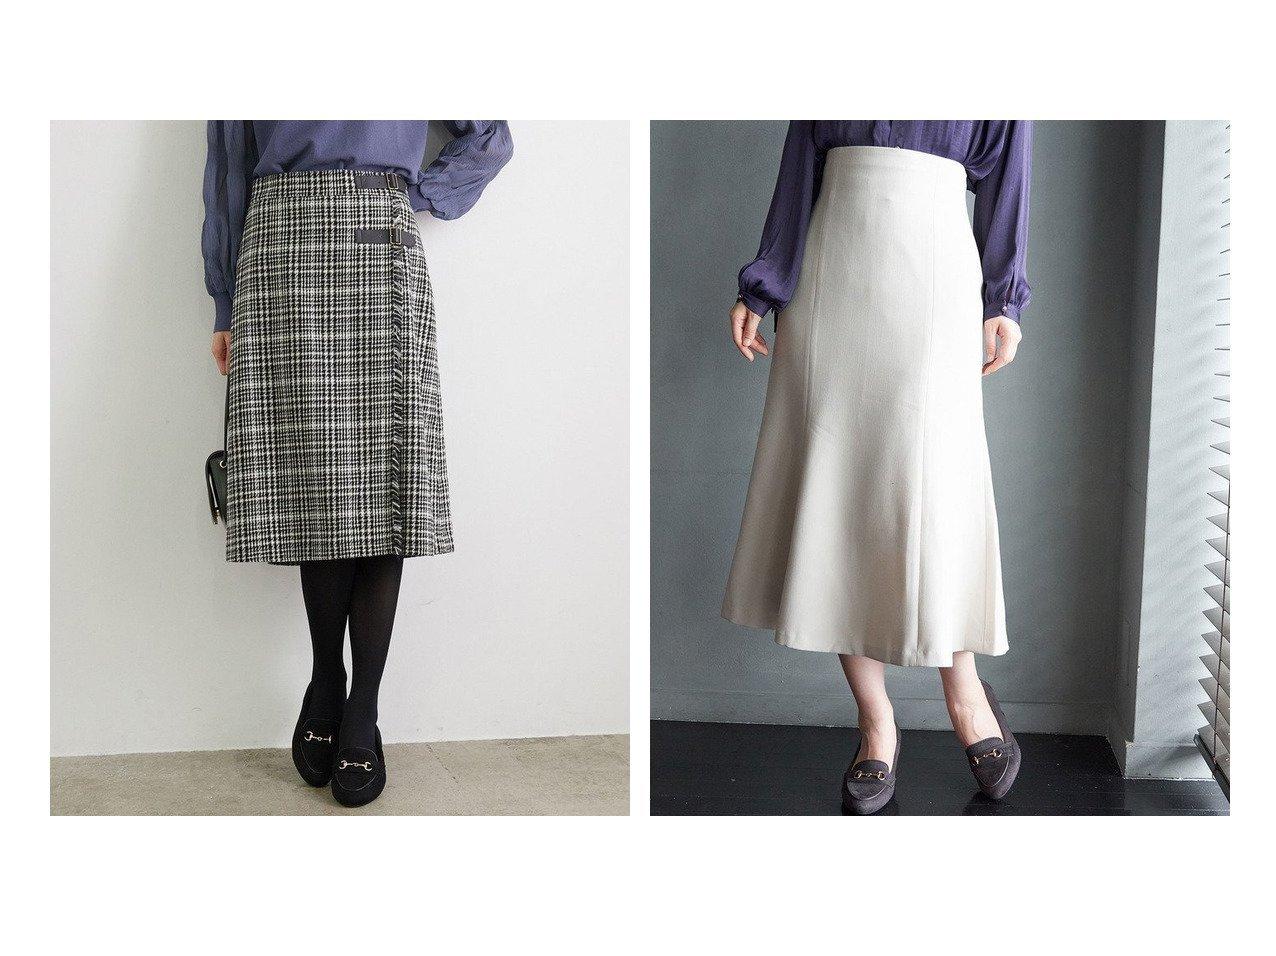 【Rope Picnic/ロペピクニック】のチェック柄フリンジキルトスカート&ストラップマーメイドスカート スカートのおすすめ!人気、レディースファッションの通販 おすすめで人気のファッション通販商品 インテリア・家具・キッズファッション・メンズファッション・レディースファッション・服の通販 founy(ファニー) https://founy.com/ ファッション Fashion レディース WOMEN スカート Skirt キルト タートル チェック フリンジ 秋冬 A/W Autumn/ Winter クラシカル ショート ポケット マーメイド ラップ 秋 |ID:crp329100000002664